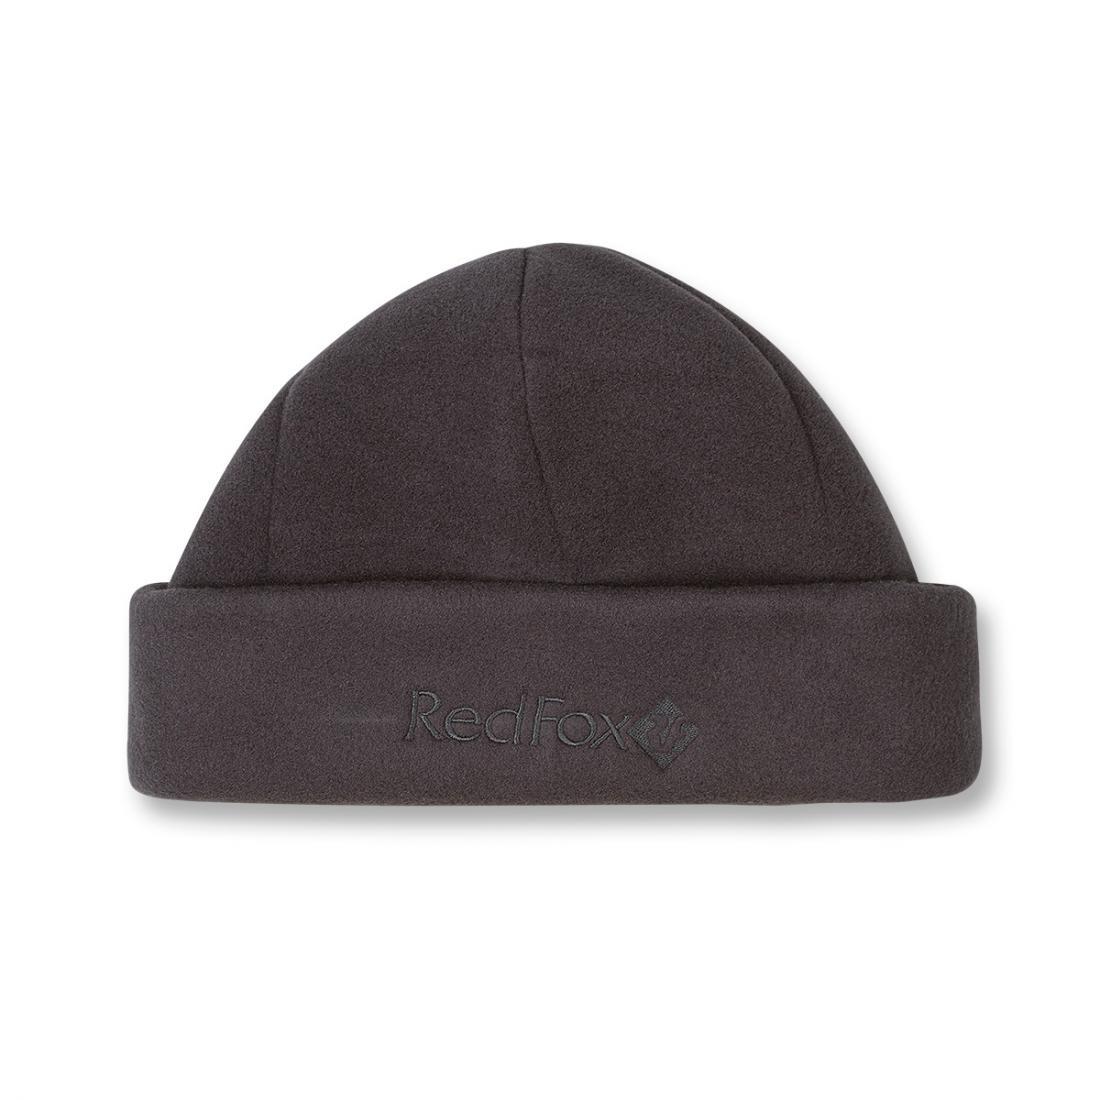 Шапка Polartec ClassicШапки<br><br> Теплая шапка классического дизайна из материала Polartec® 200<br><br><br> Основные характеристики<br><br><br>комфортная посадка<br>эргономичная конструкция кроя<br><br> Особенности<br><br><br><br><br><br>&lt;u...<br><br>Цвет: Серый<br>Размер: 56